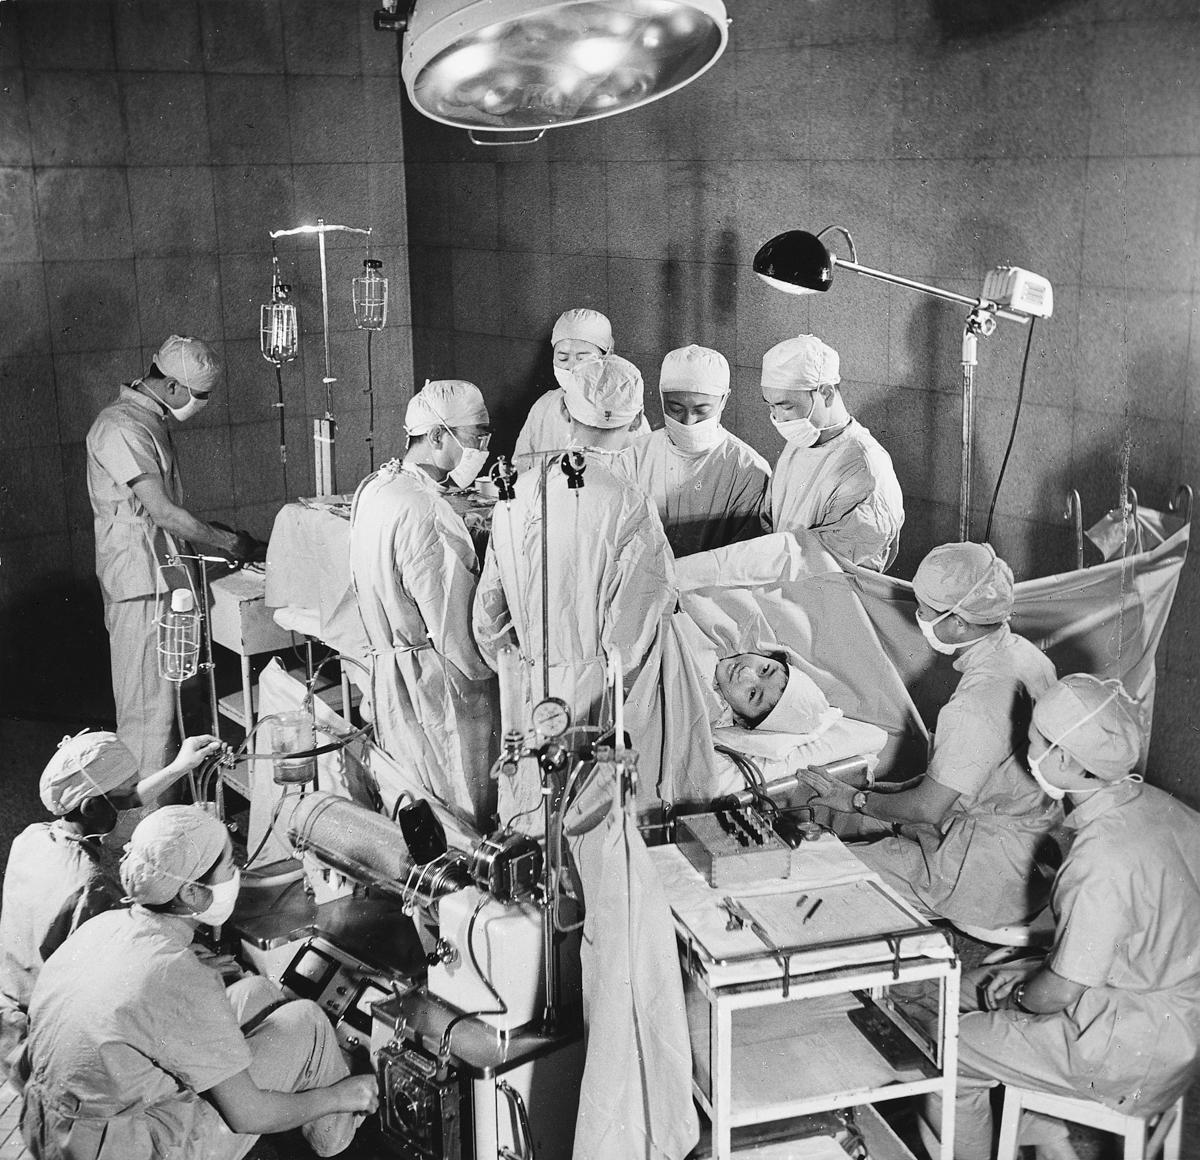 9-3 1976年 针刺麻醉体外循环心内手术成功 杨立森 摄.jpg